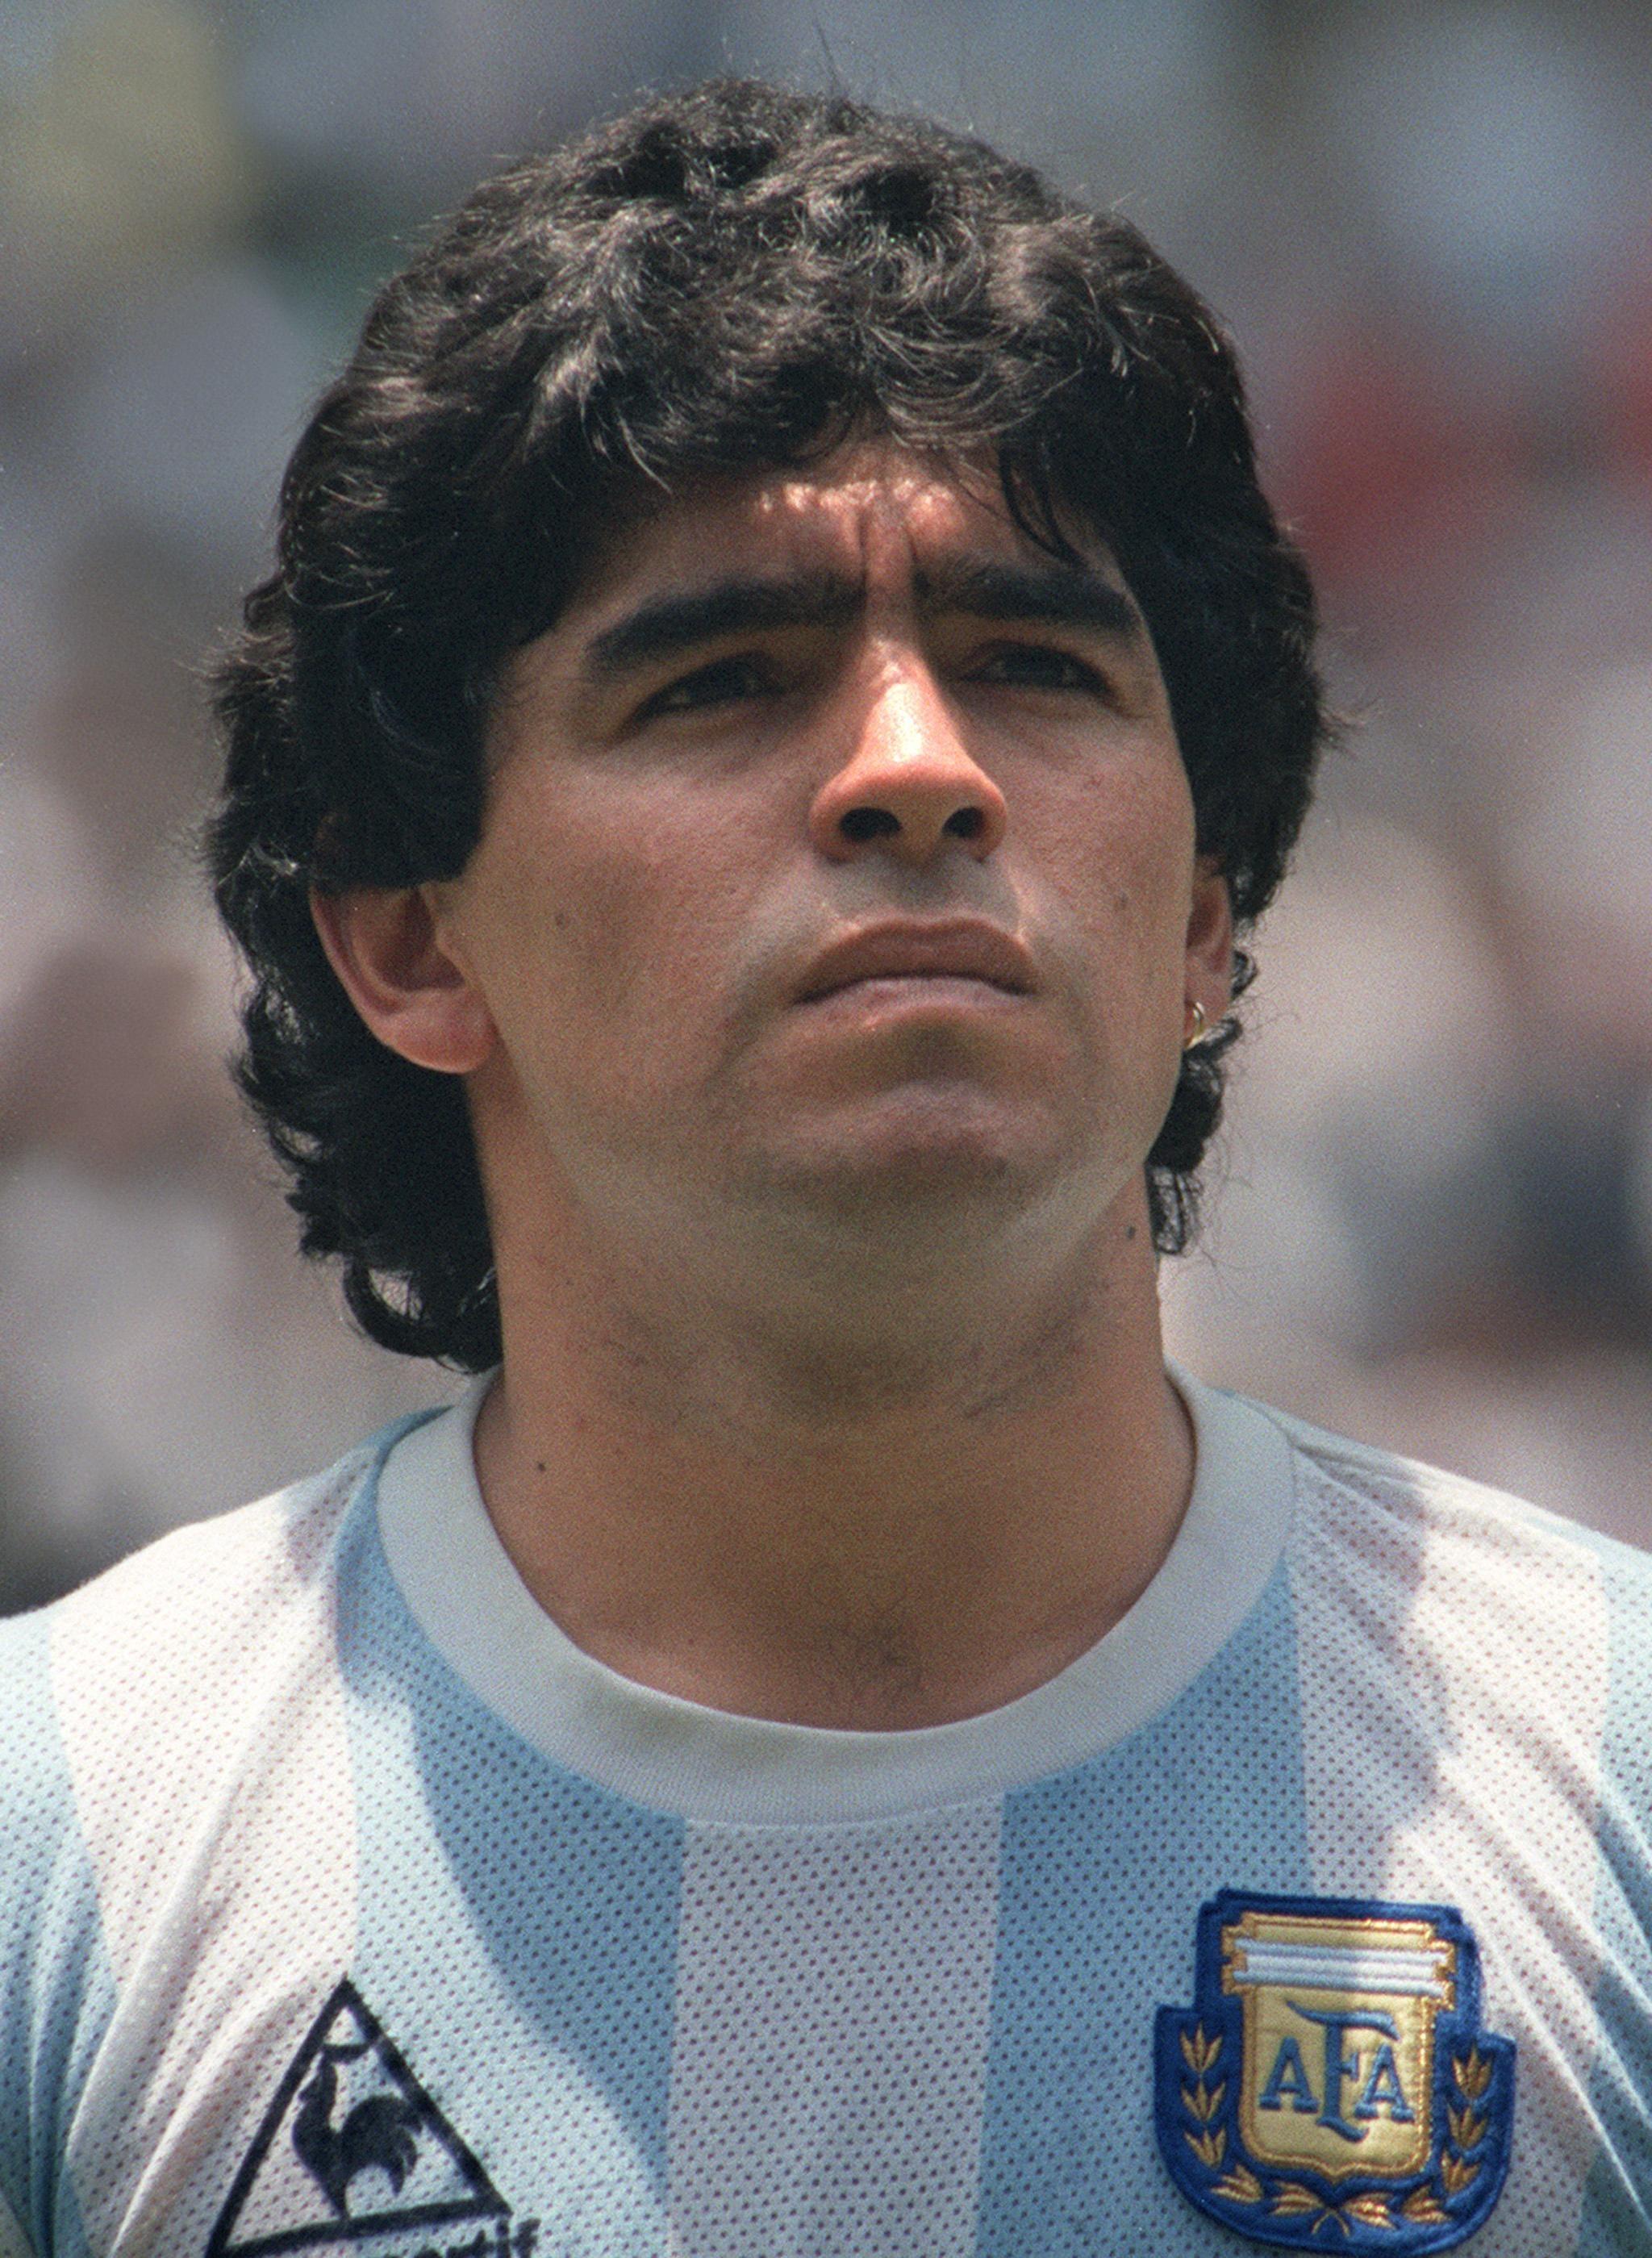 Lo slalom pazzesco di Maradona il gol più bello compie 25 anni